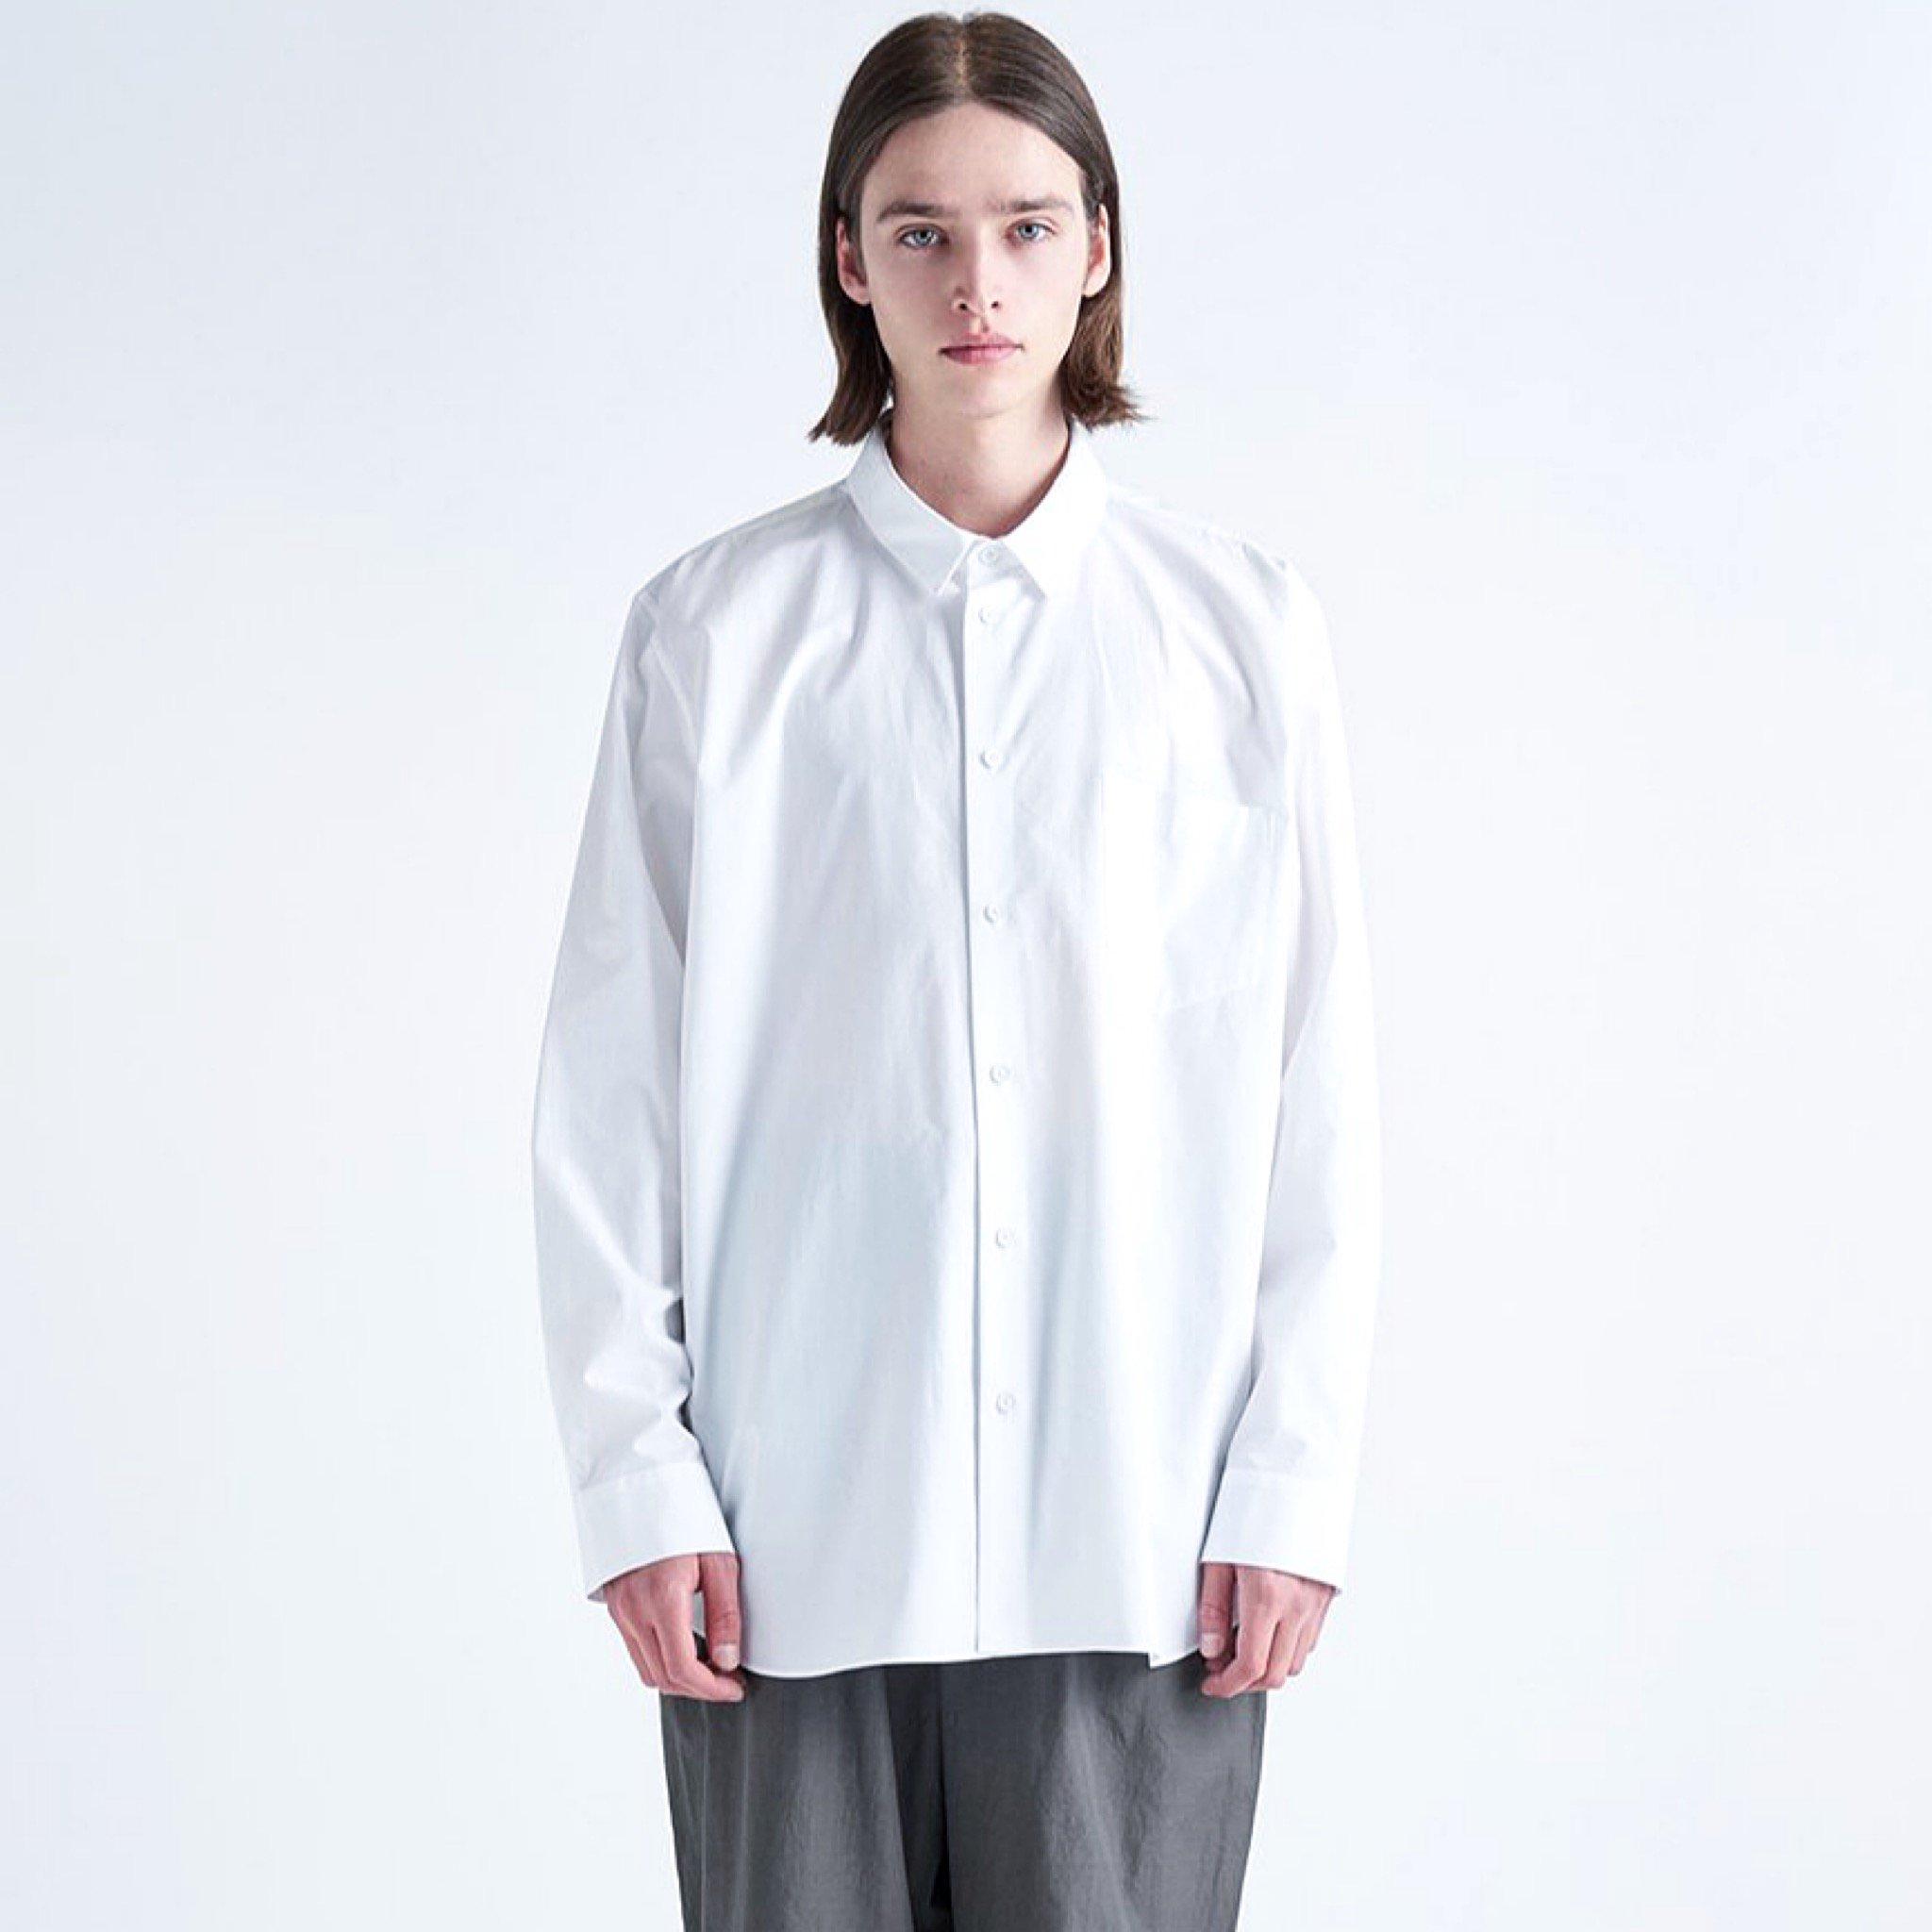 【ATON】<br> オーバーサイズドシャツ ギザブロード